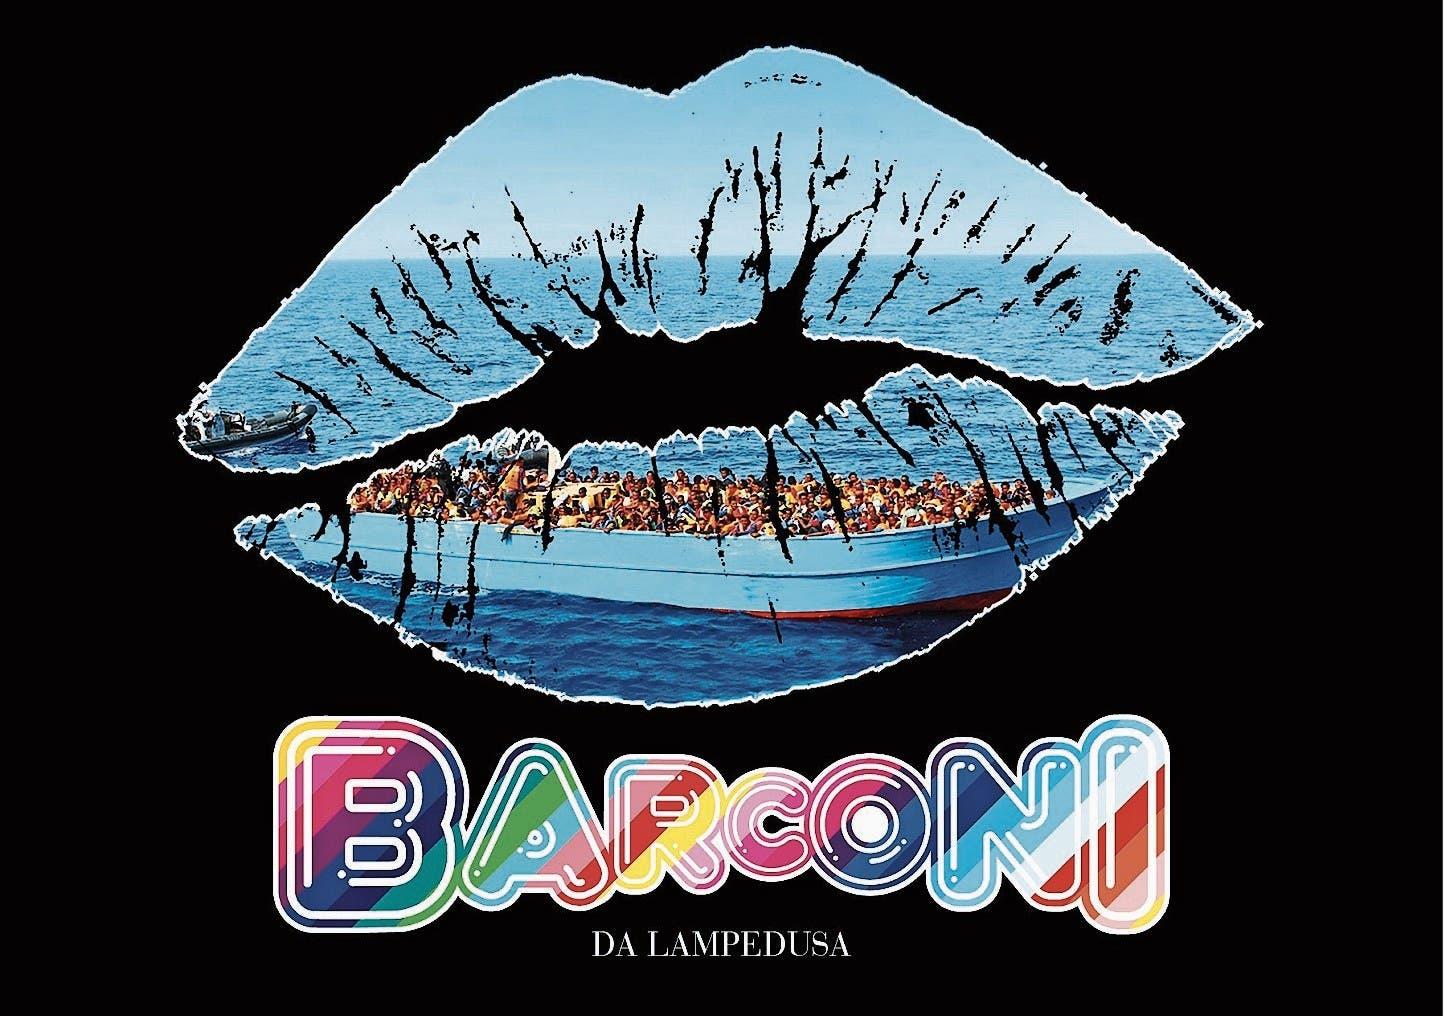 Barconi – Urlaubsgrüsse von den Schlepperkähnen: Postkarte von Matteo Franco.